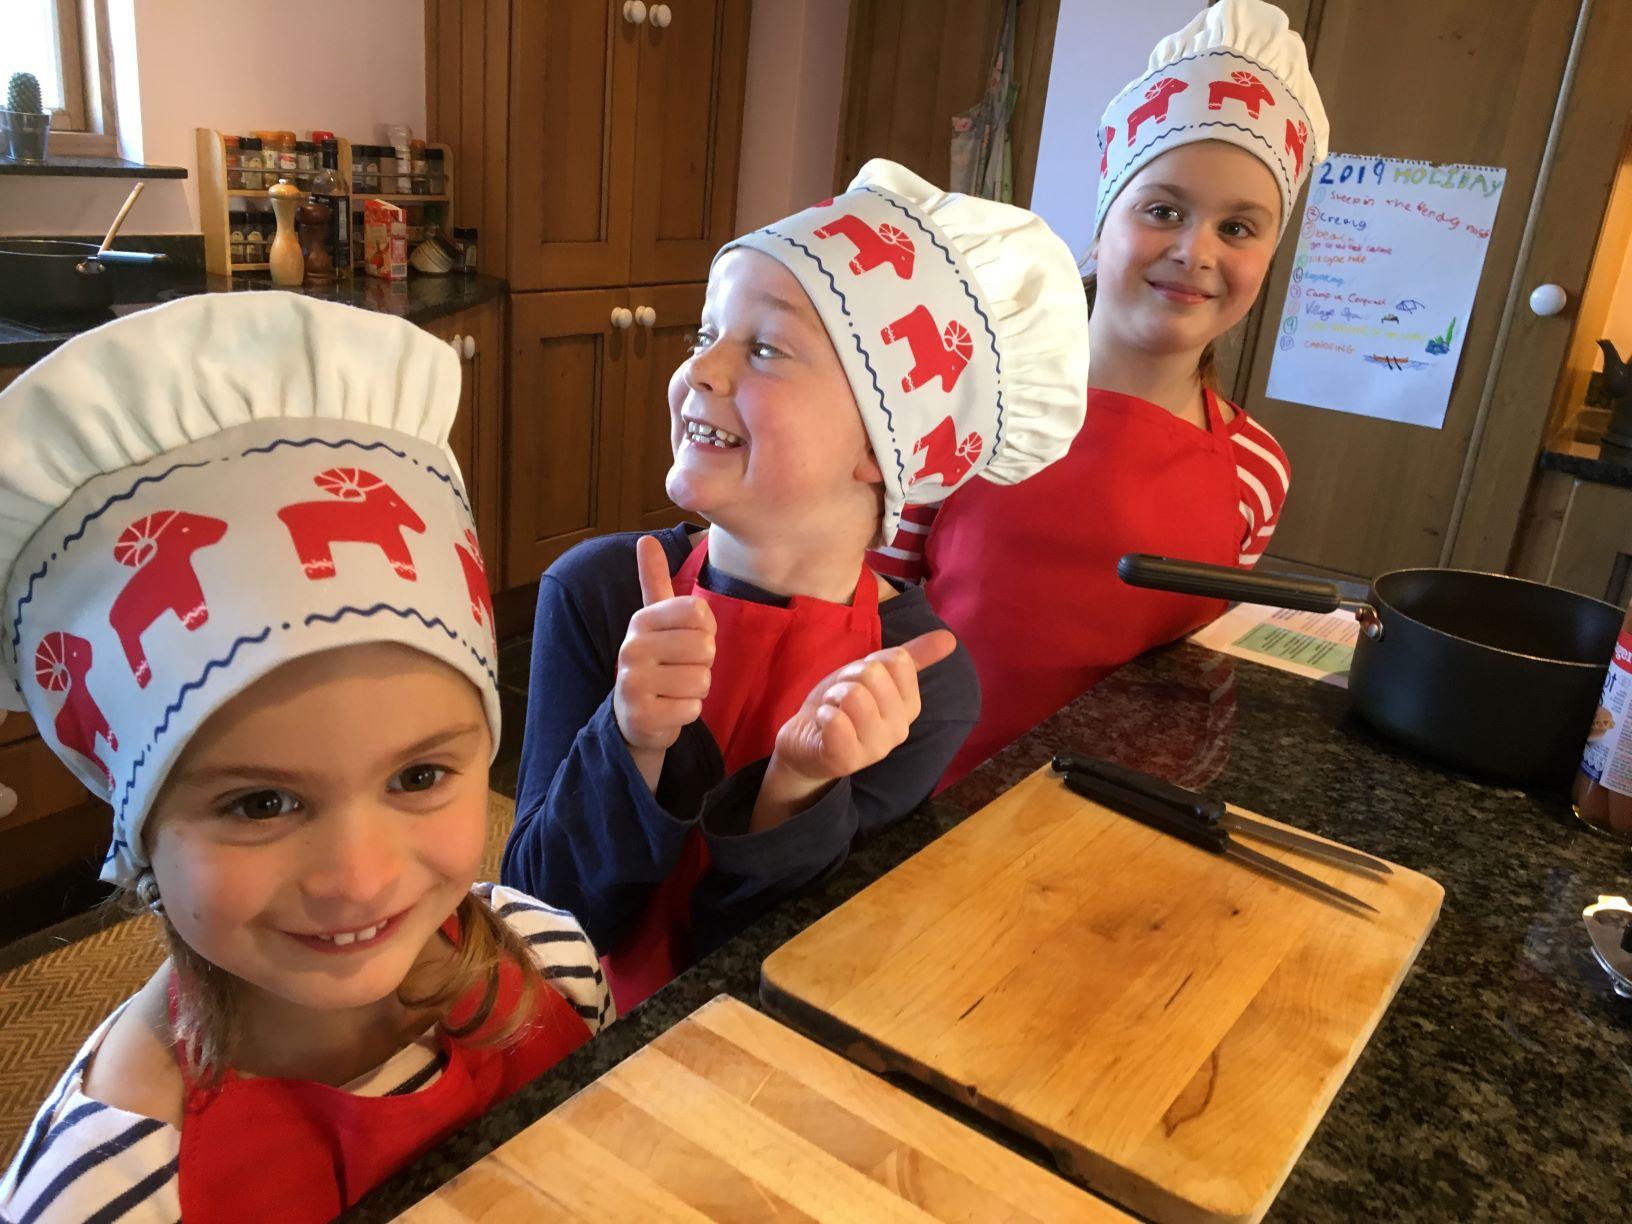 3 children in chefs hats